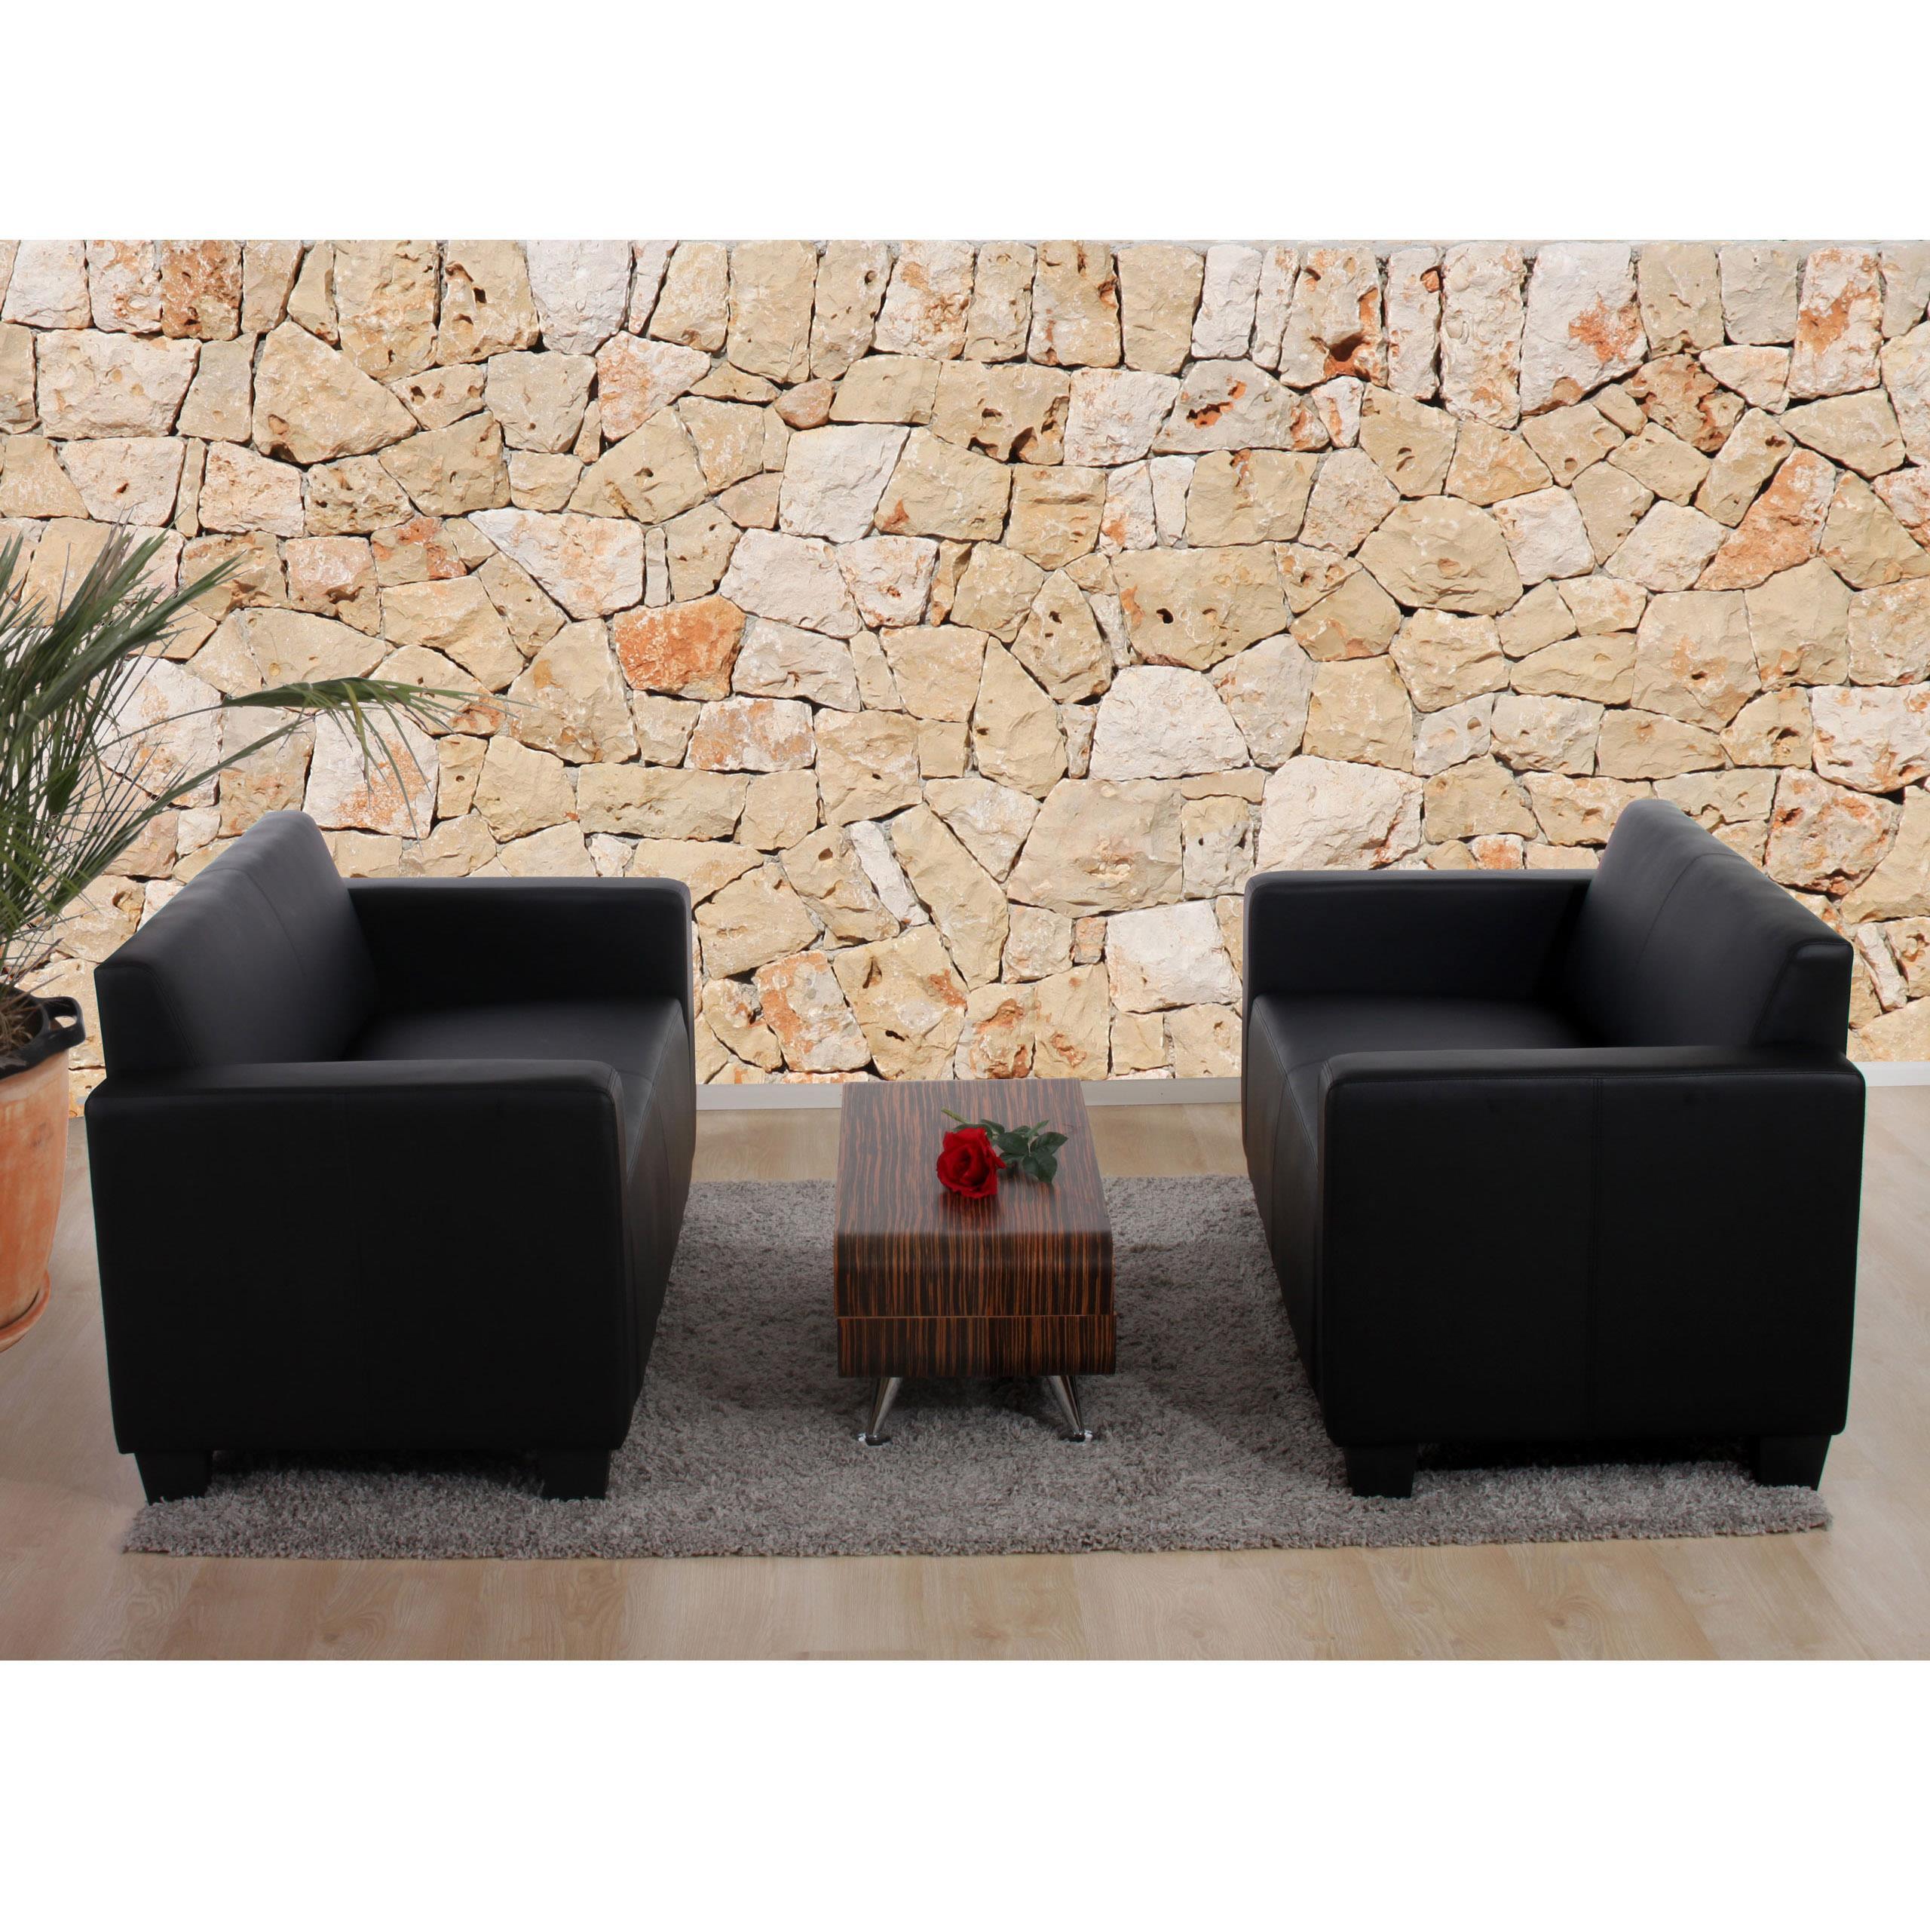 Set due divani a 2 posti roddy design moderno e comoda for Divani a 2 posti